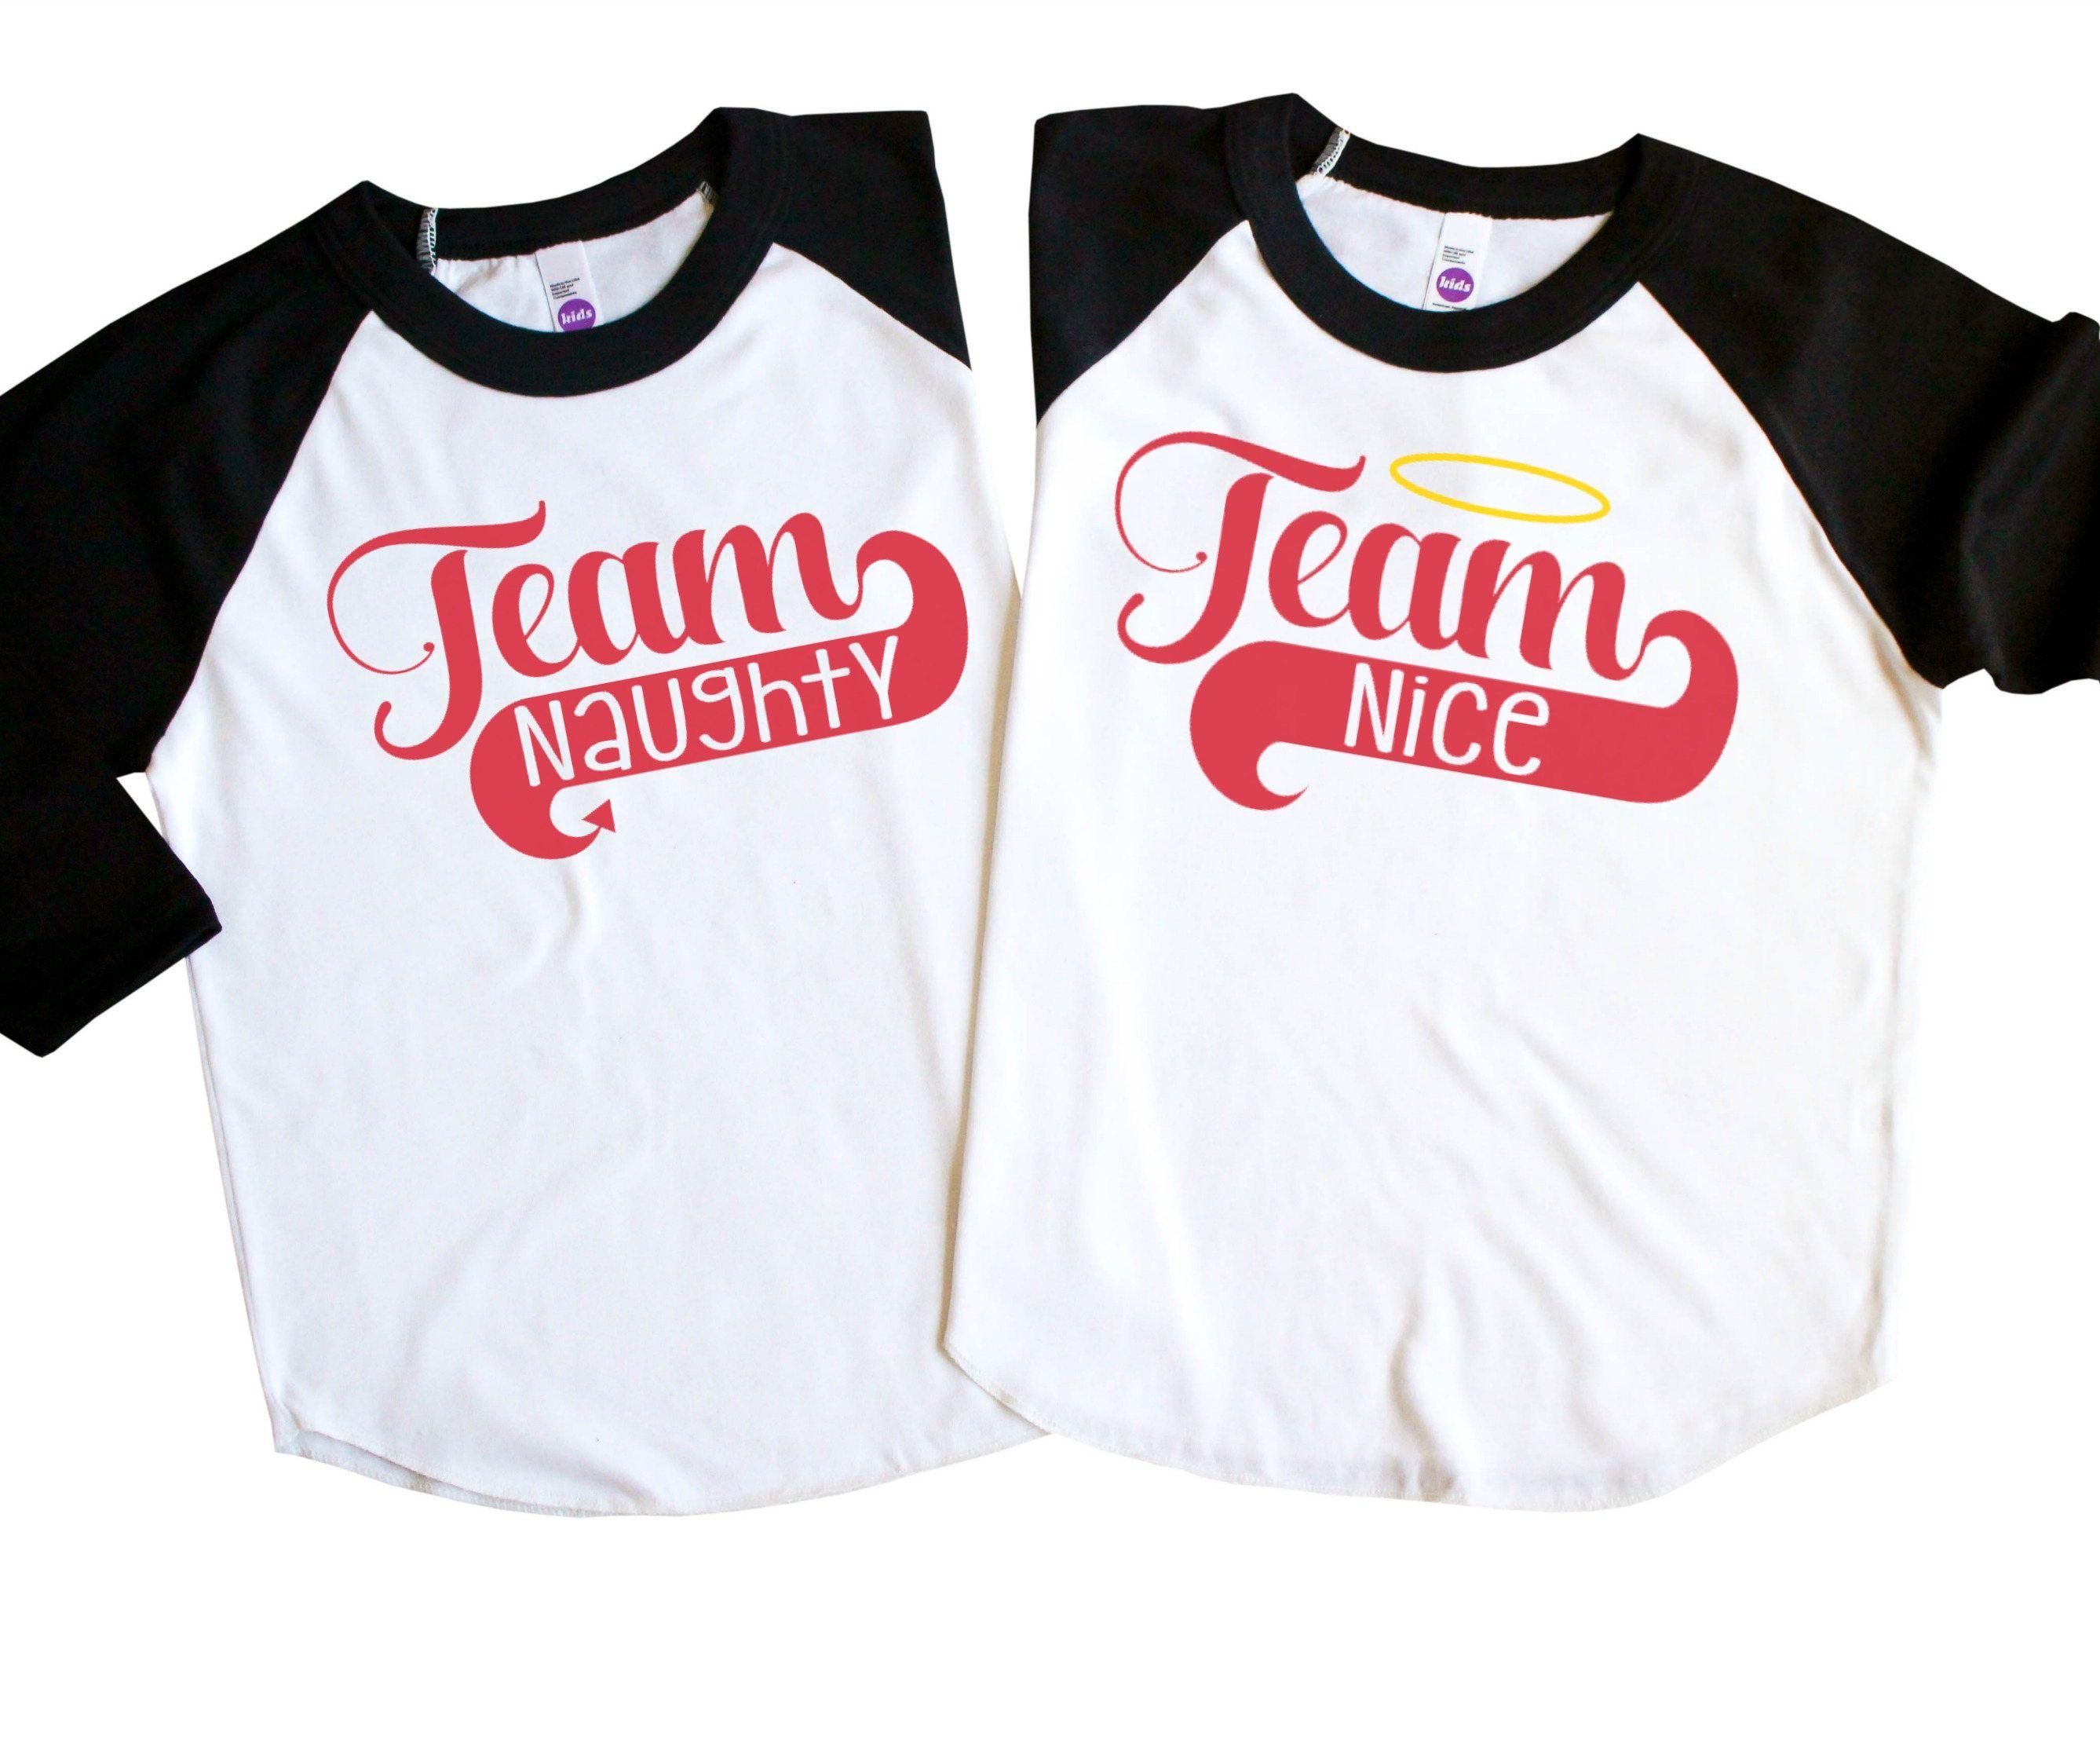 8ef55a59ba Sibling Christmas Holiday Shirts - Naughty and Nice Kids Shirts - Team  Naughty Team Nice Shirts - Twin Holiday Shirts - Brother Sister Tees by ...